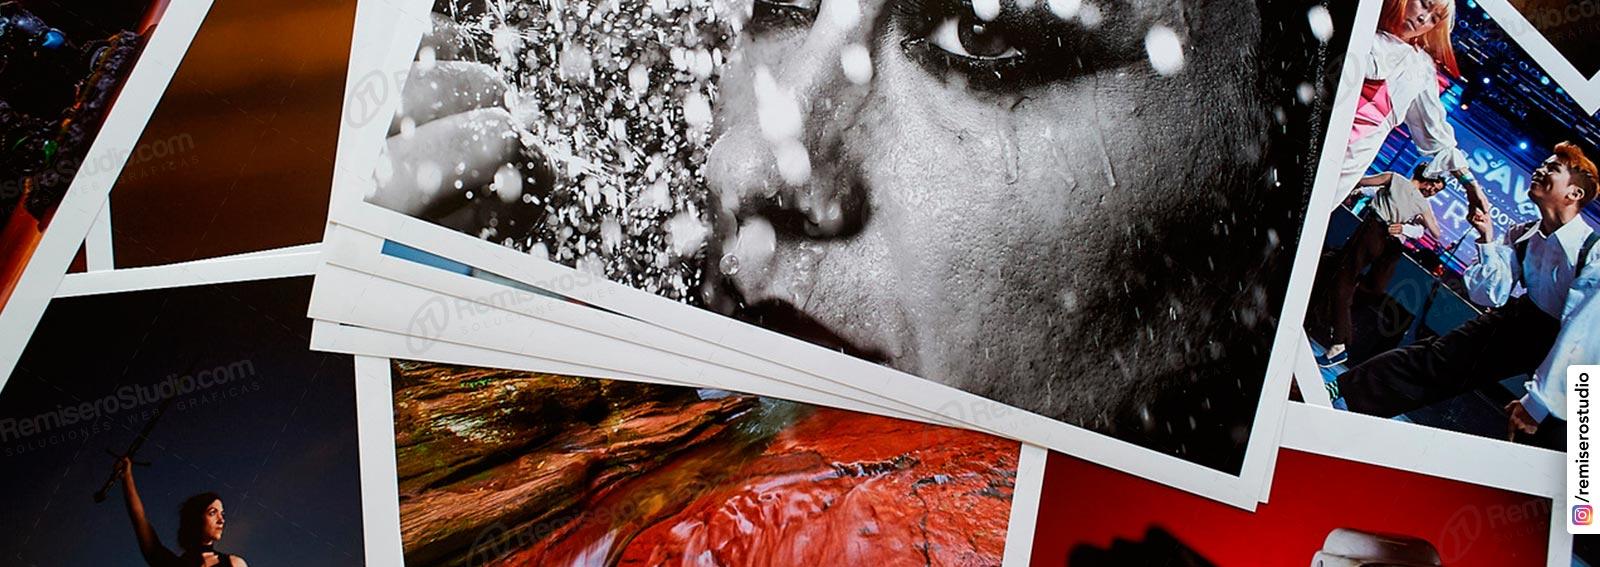 Impresión papel fotográfico alta resolución